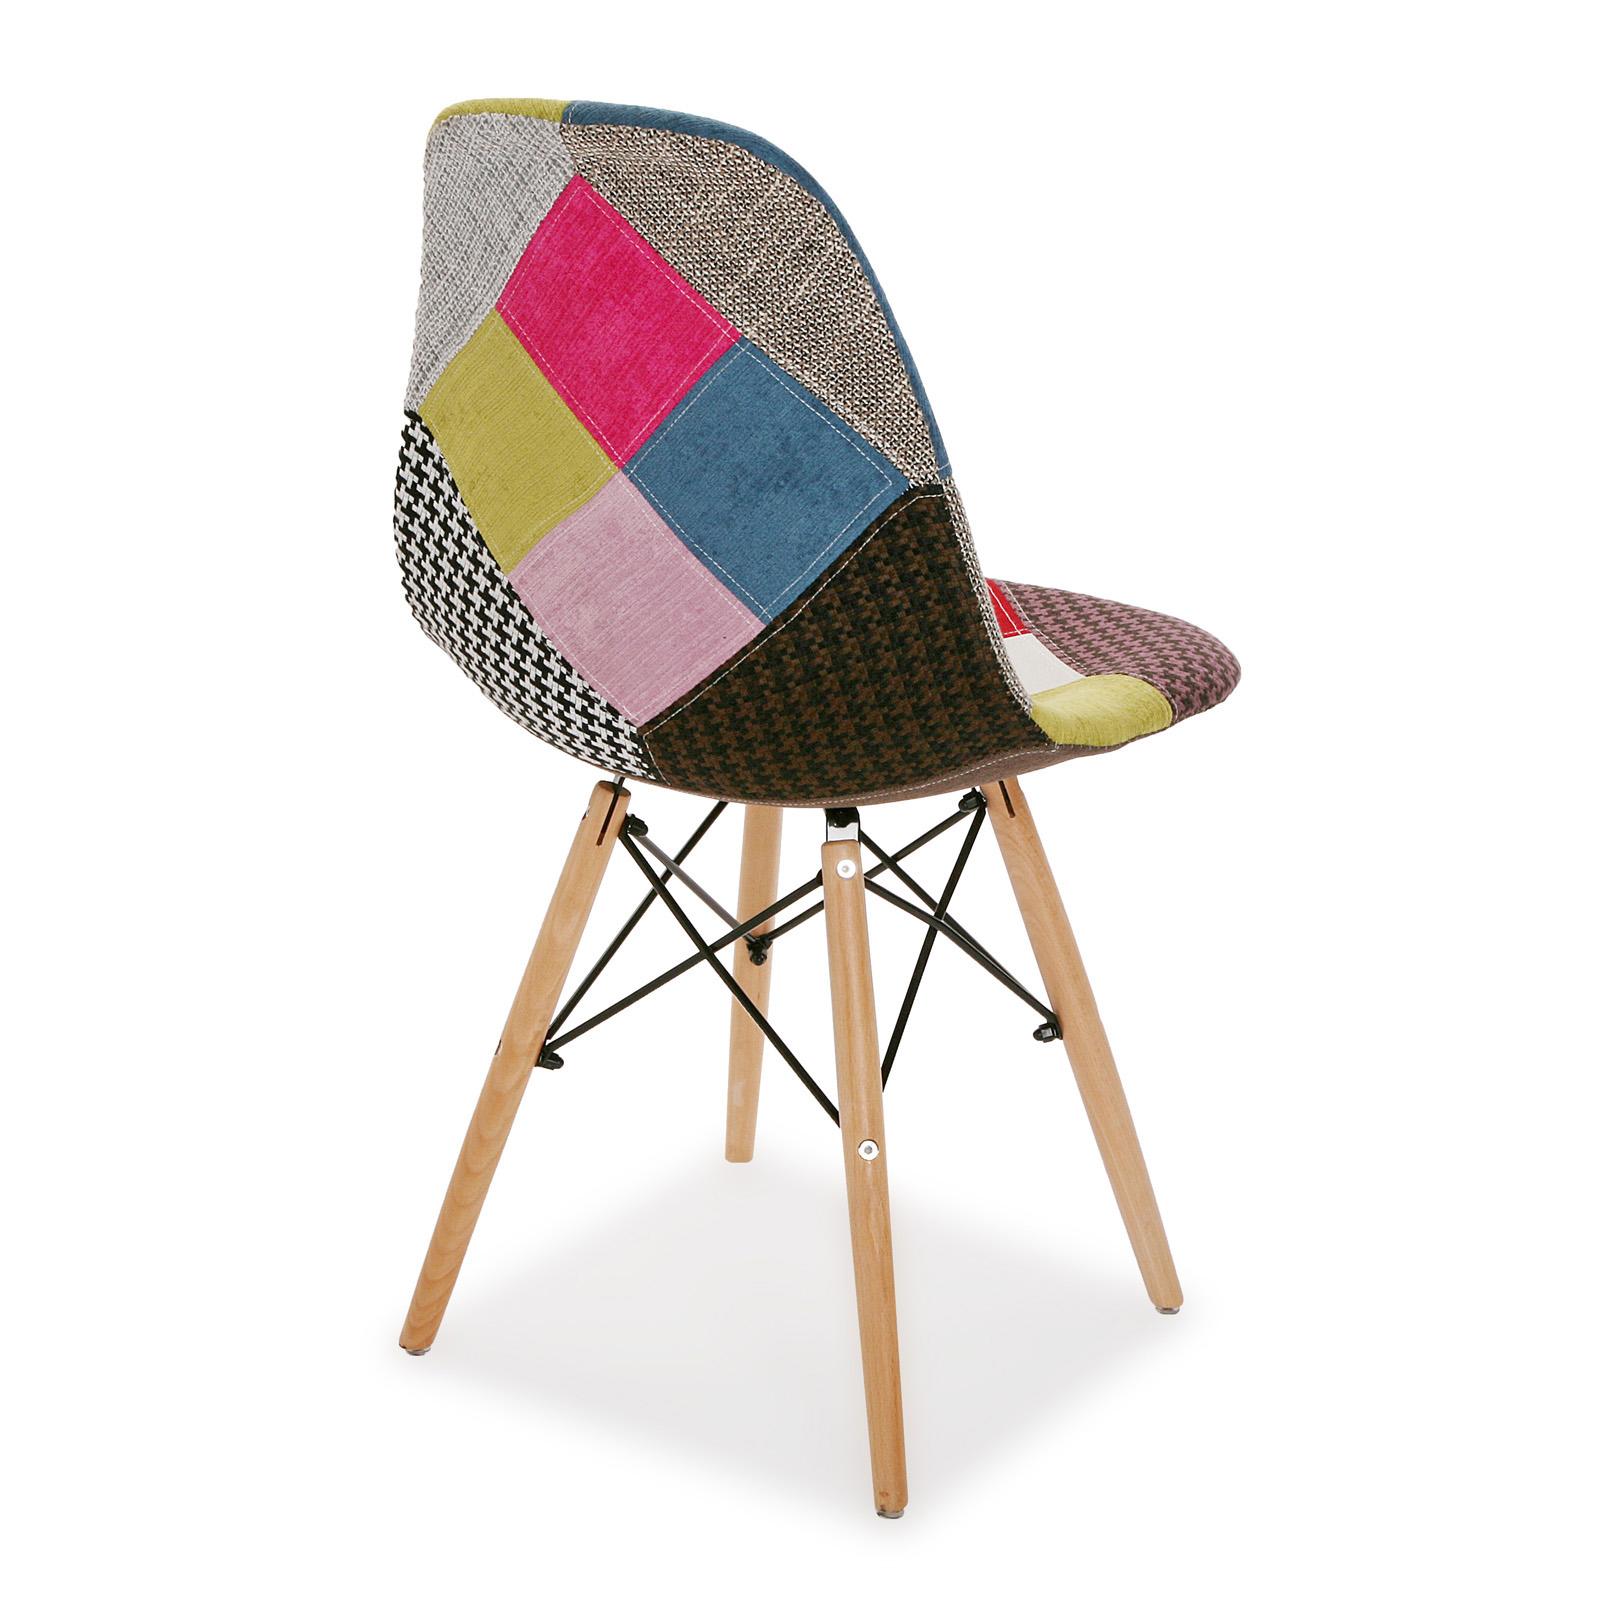 Chaise scandinave patchwork mix tissus 1 (lot de 2